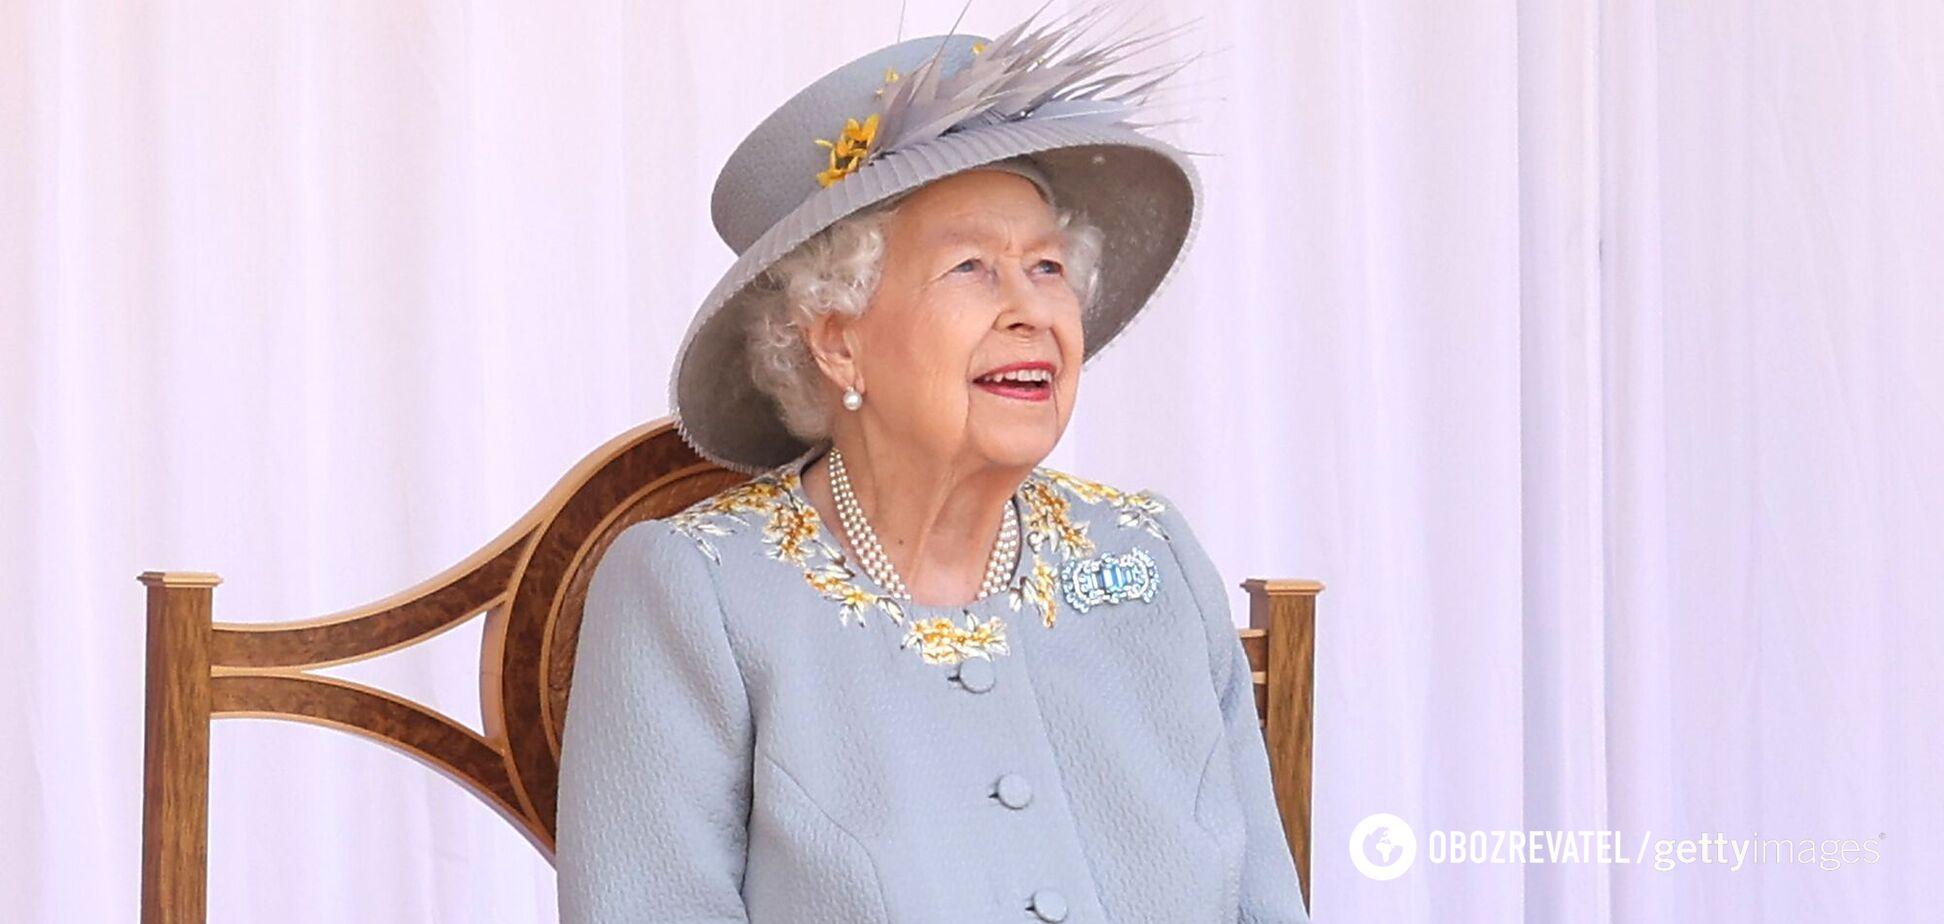 Елизавета II не приедет на открытие статуи в честь принцессы Дианы: что произошло